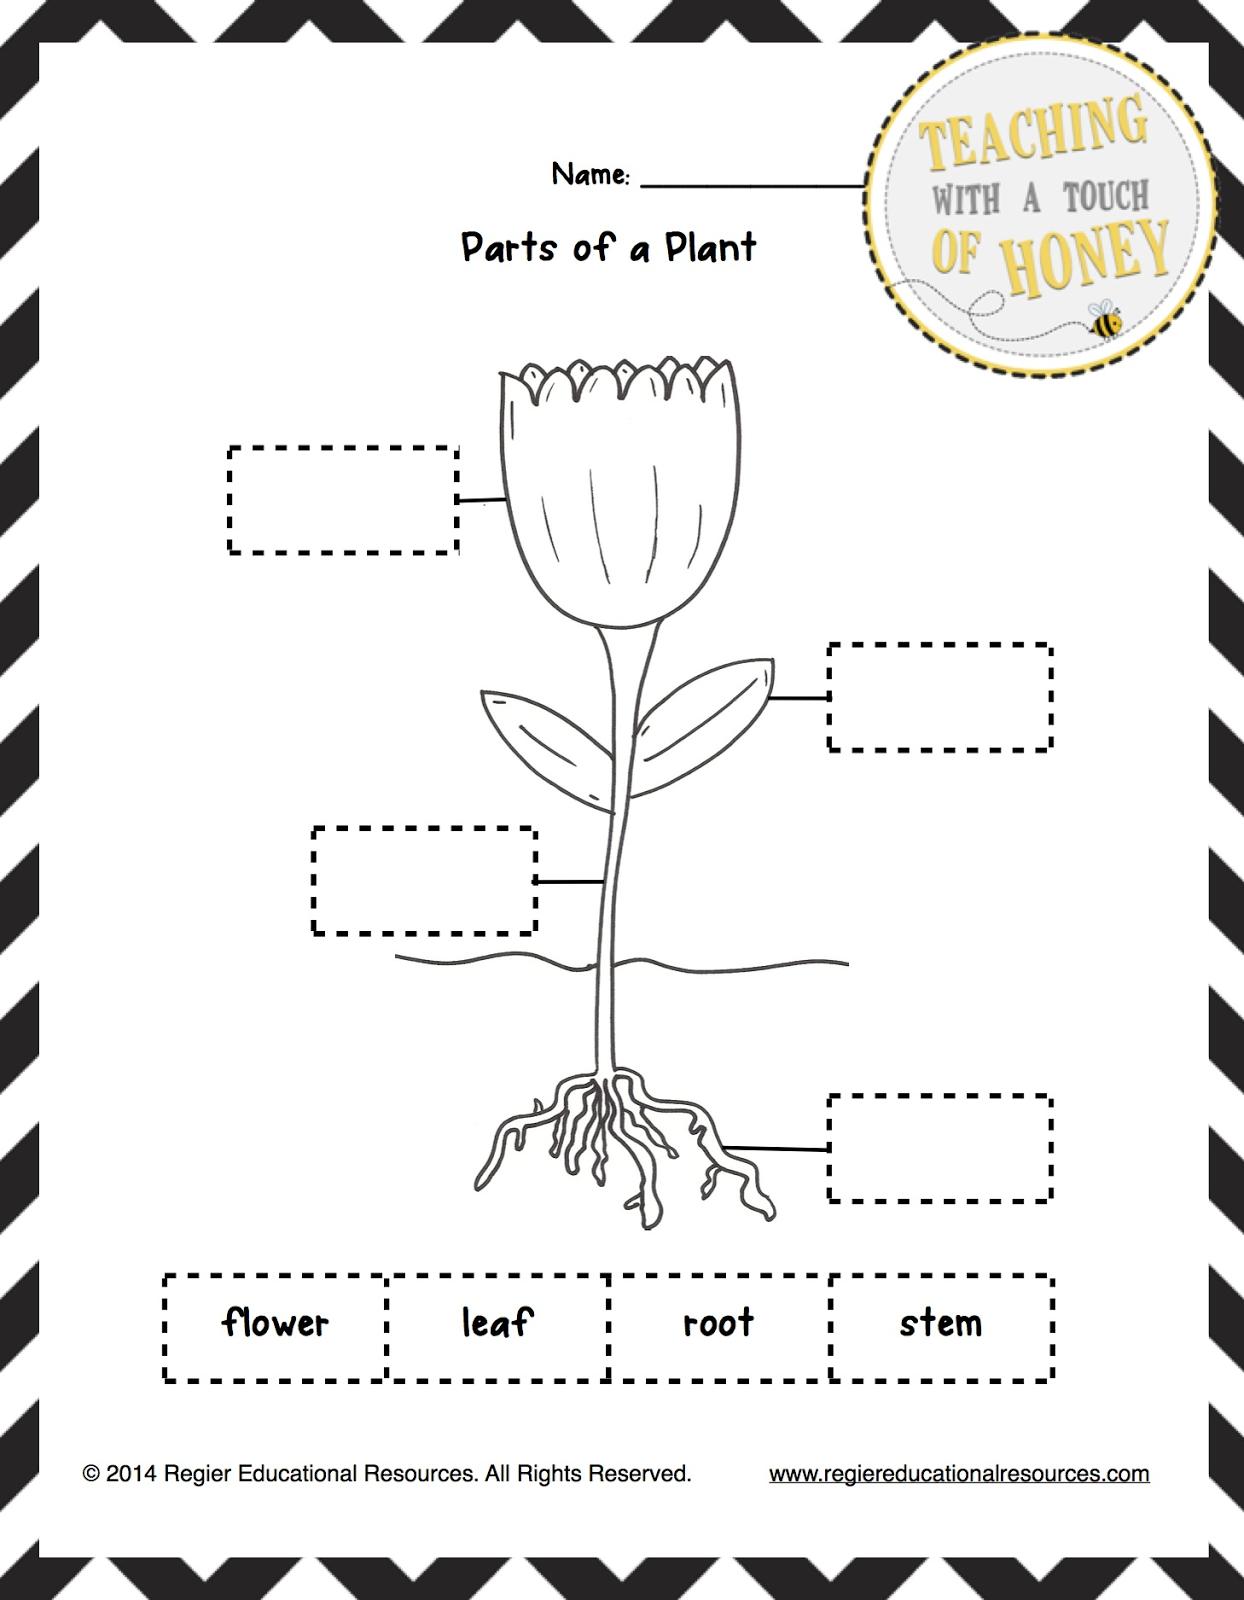 Flowersheet Mathsheets For Kindergarten Preschoolers Coloring